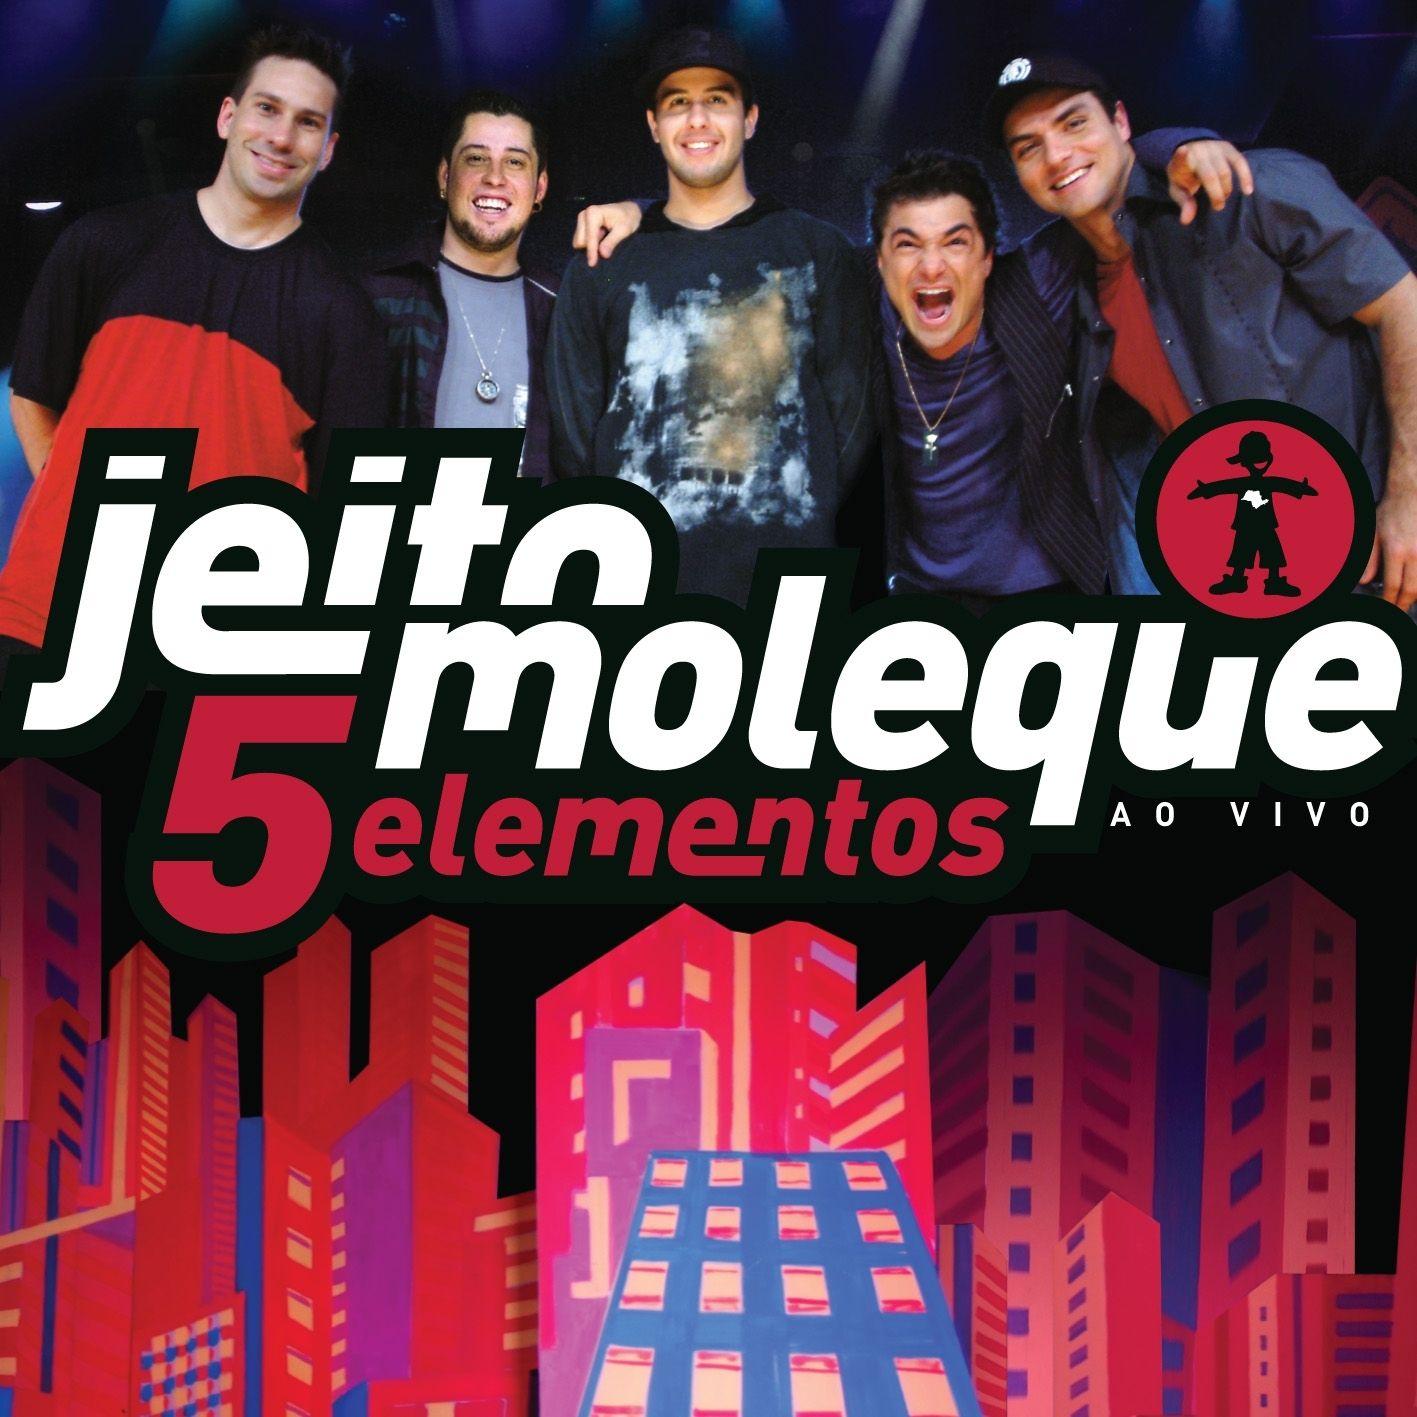 CD 2009 MOLEQUE BAIXAR JEITO NOVO